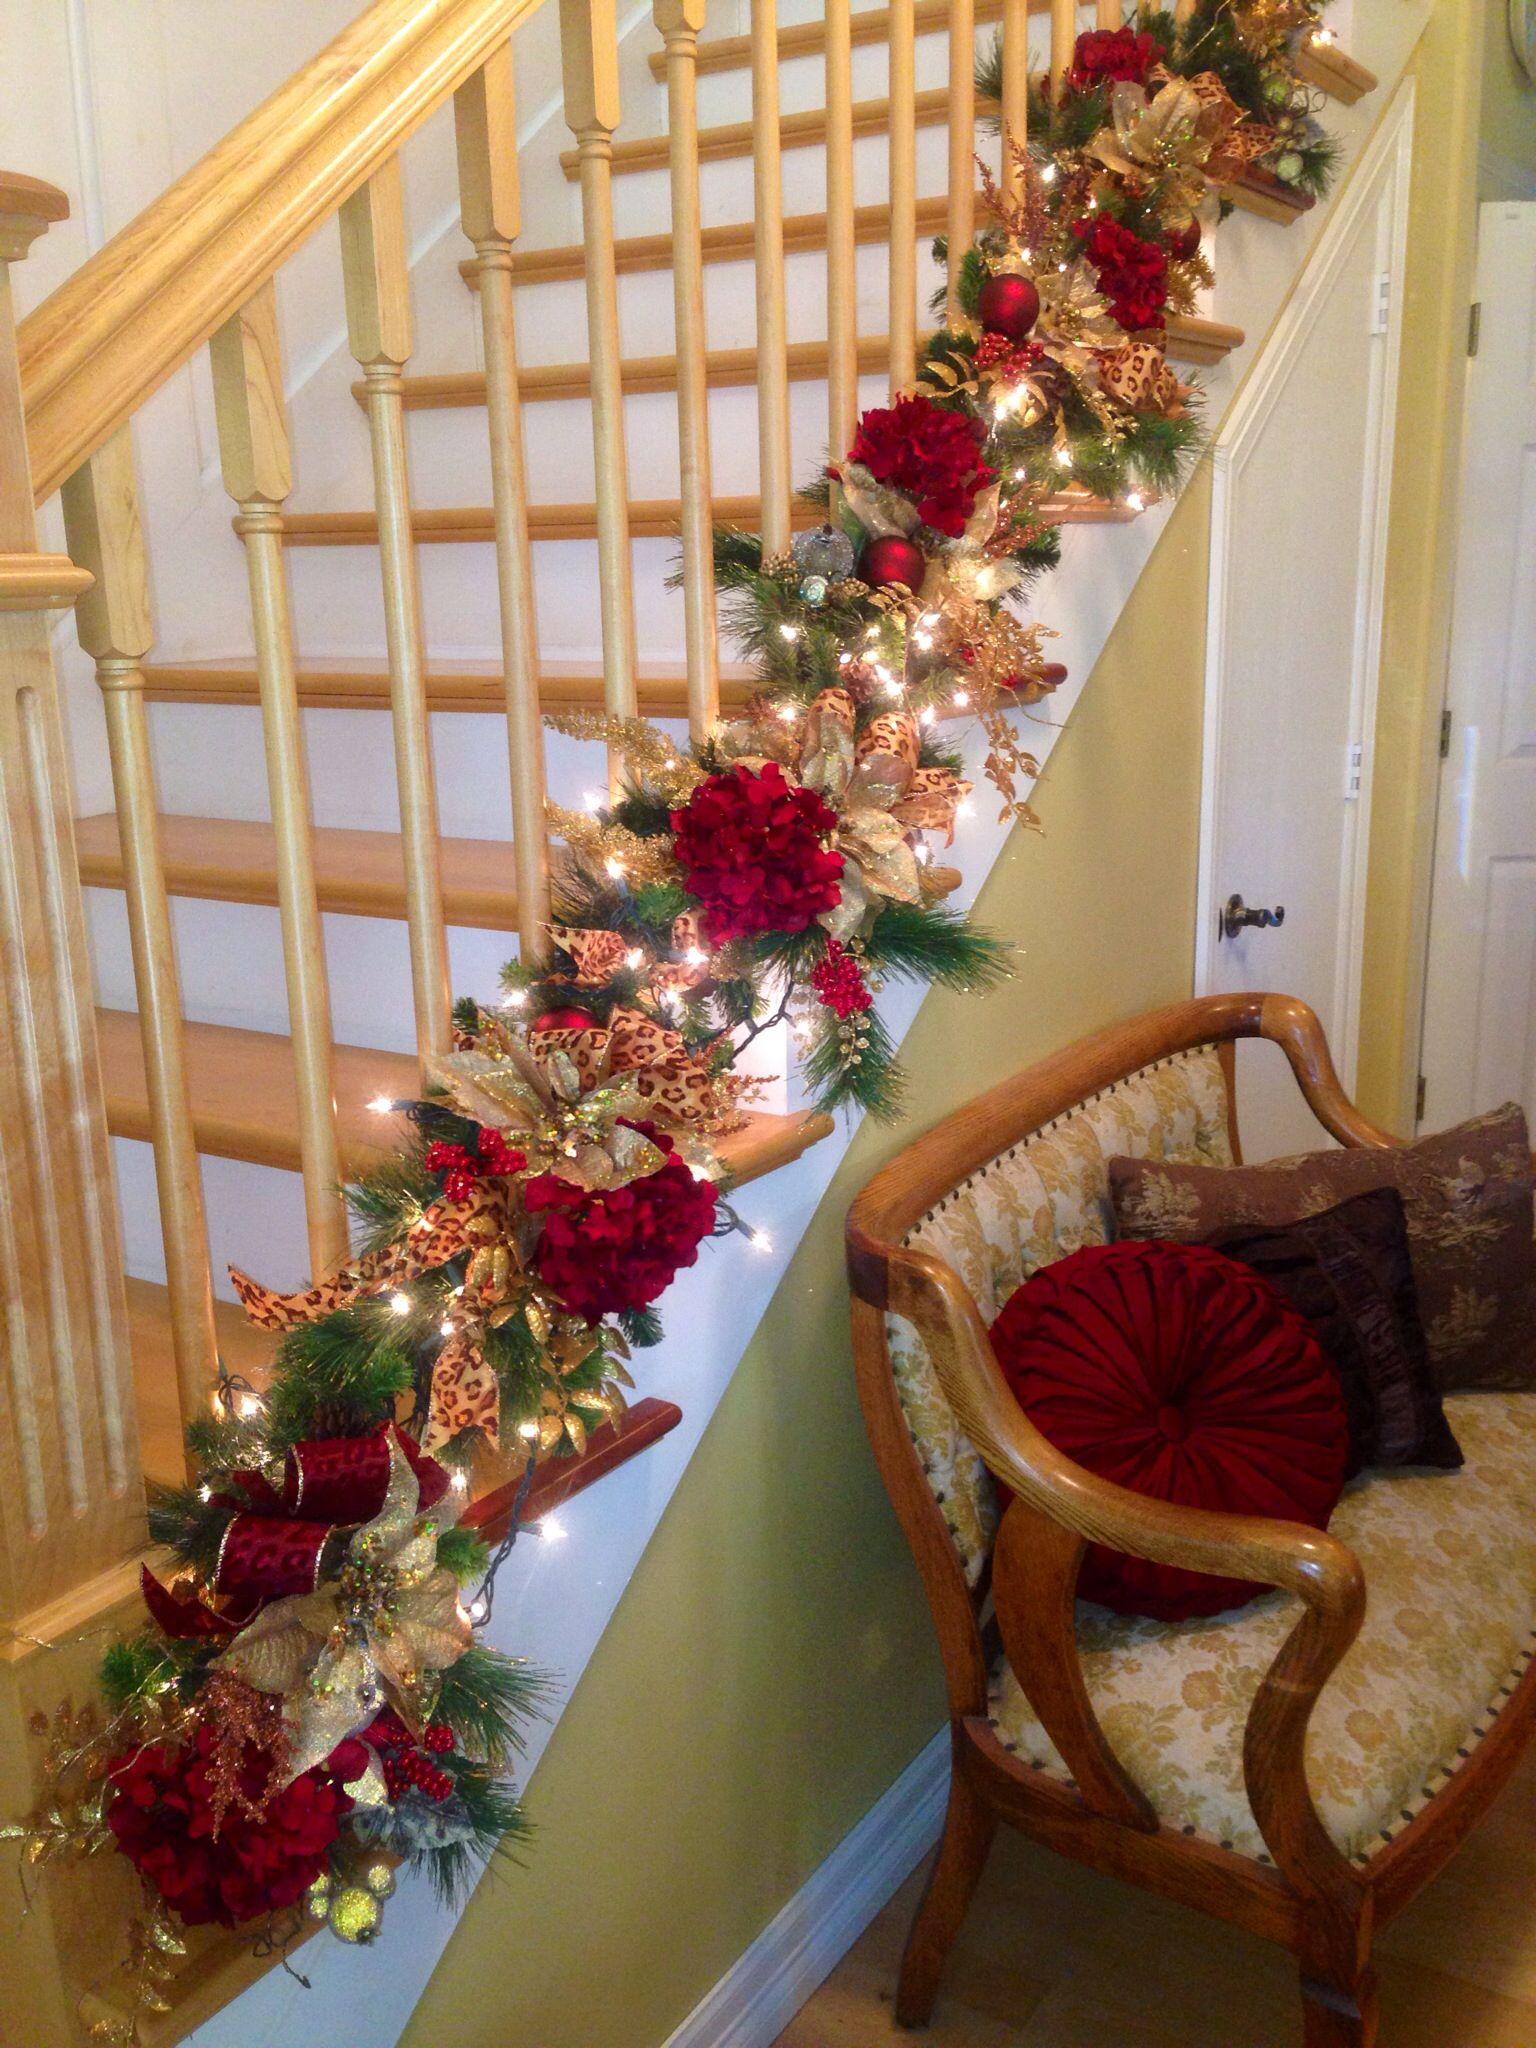 Decoracion de escaleras de navidad decoraci n de navidad for Adornos navidenos para balcones